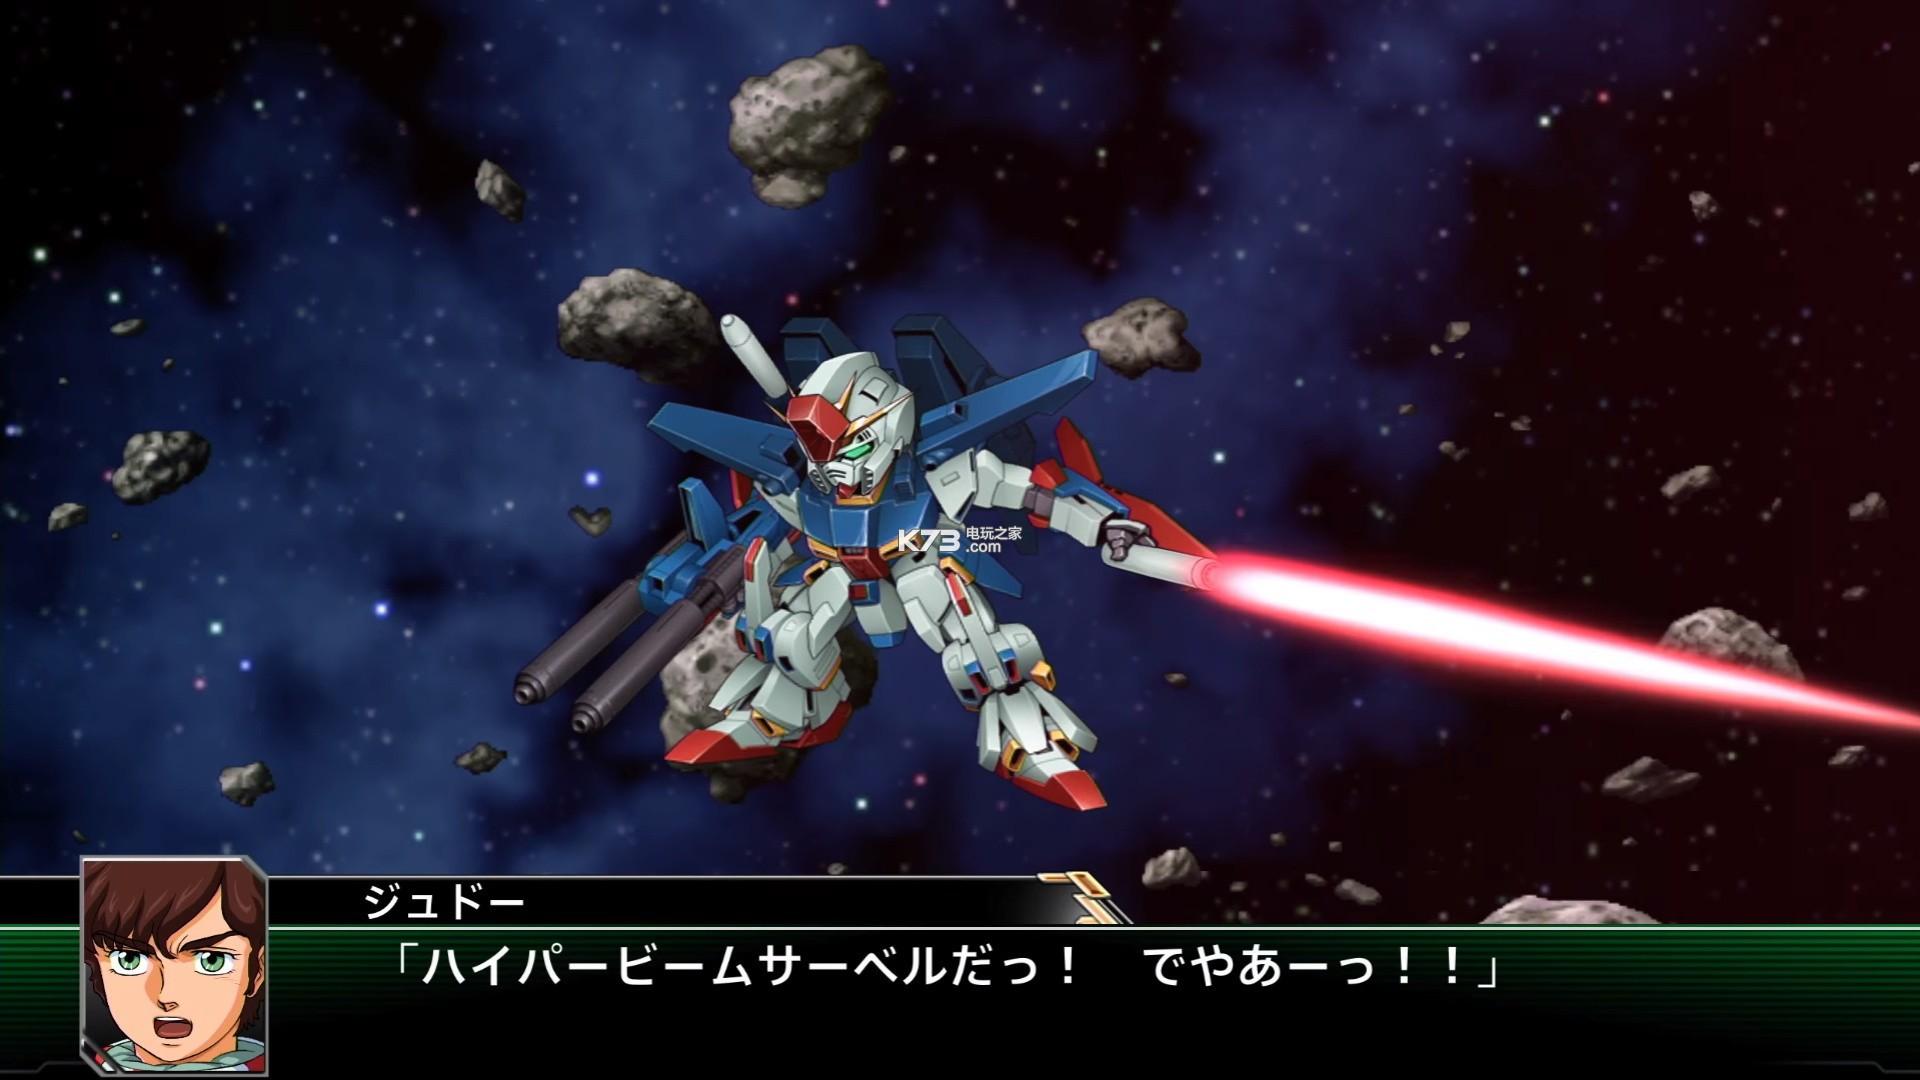 超级机器人大战v 日版预约 截图